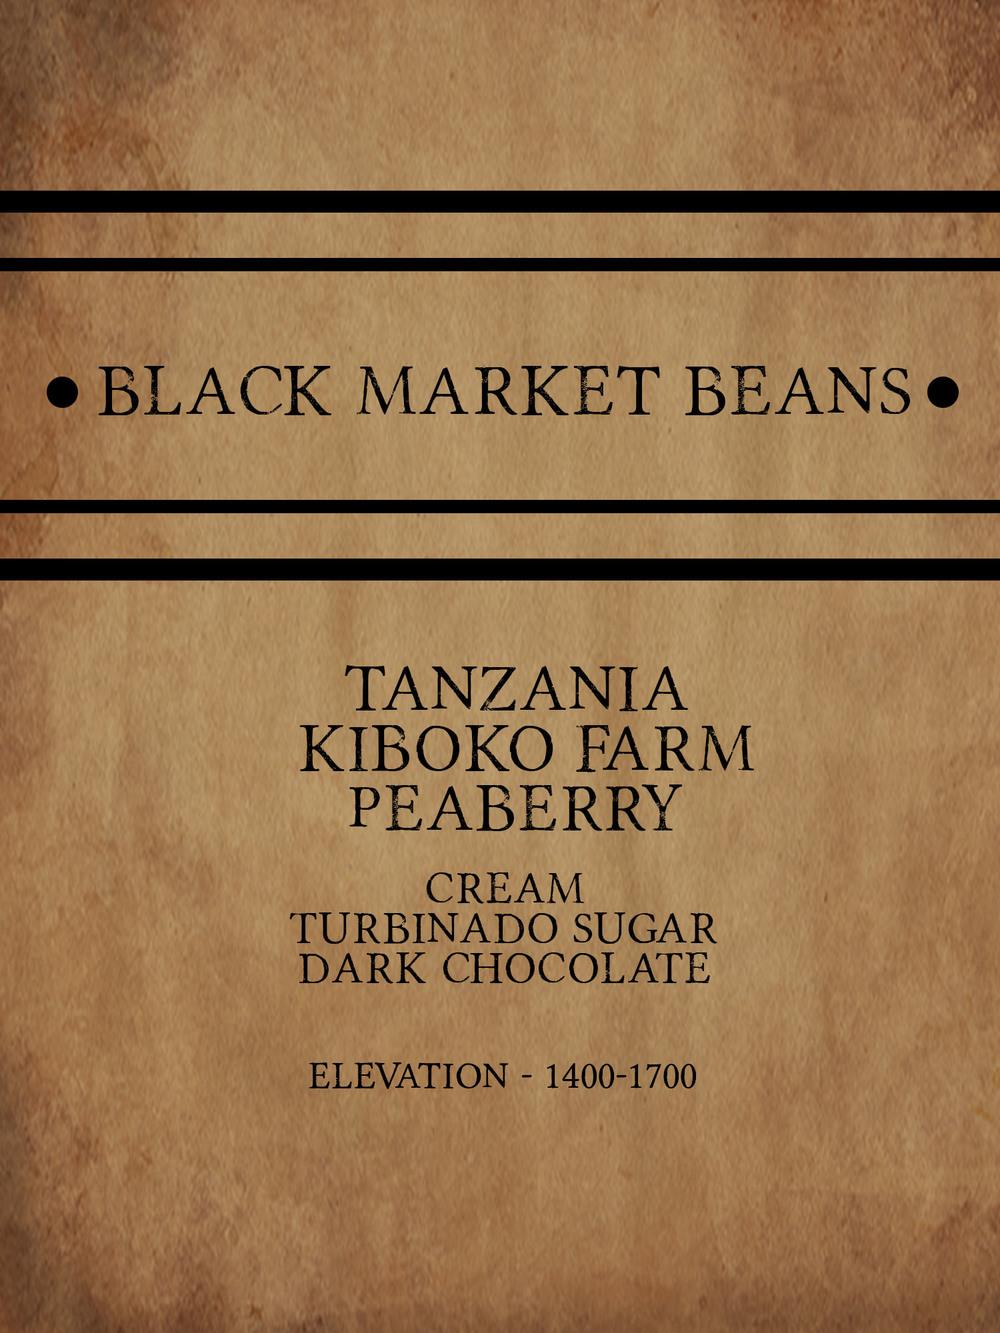 coffee_Tanzania_Kiboko.jpg